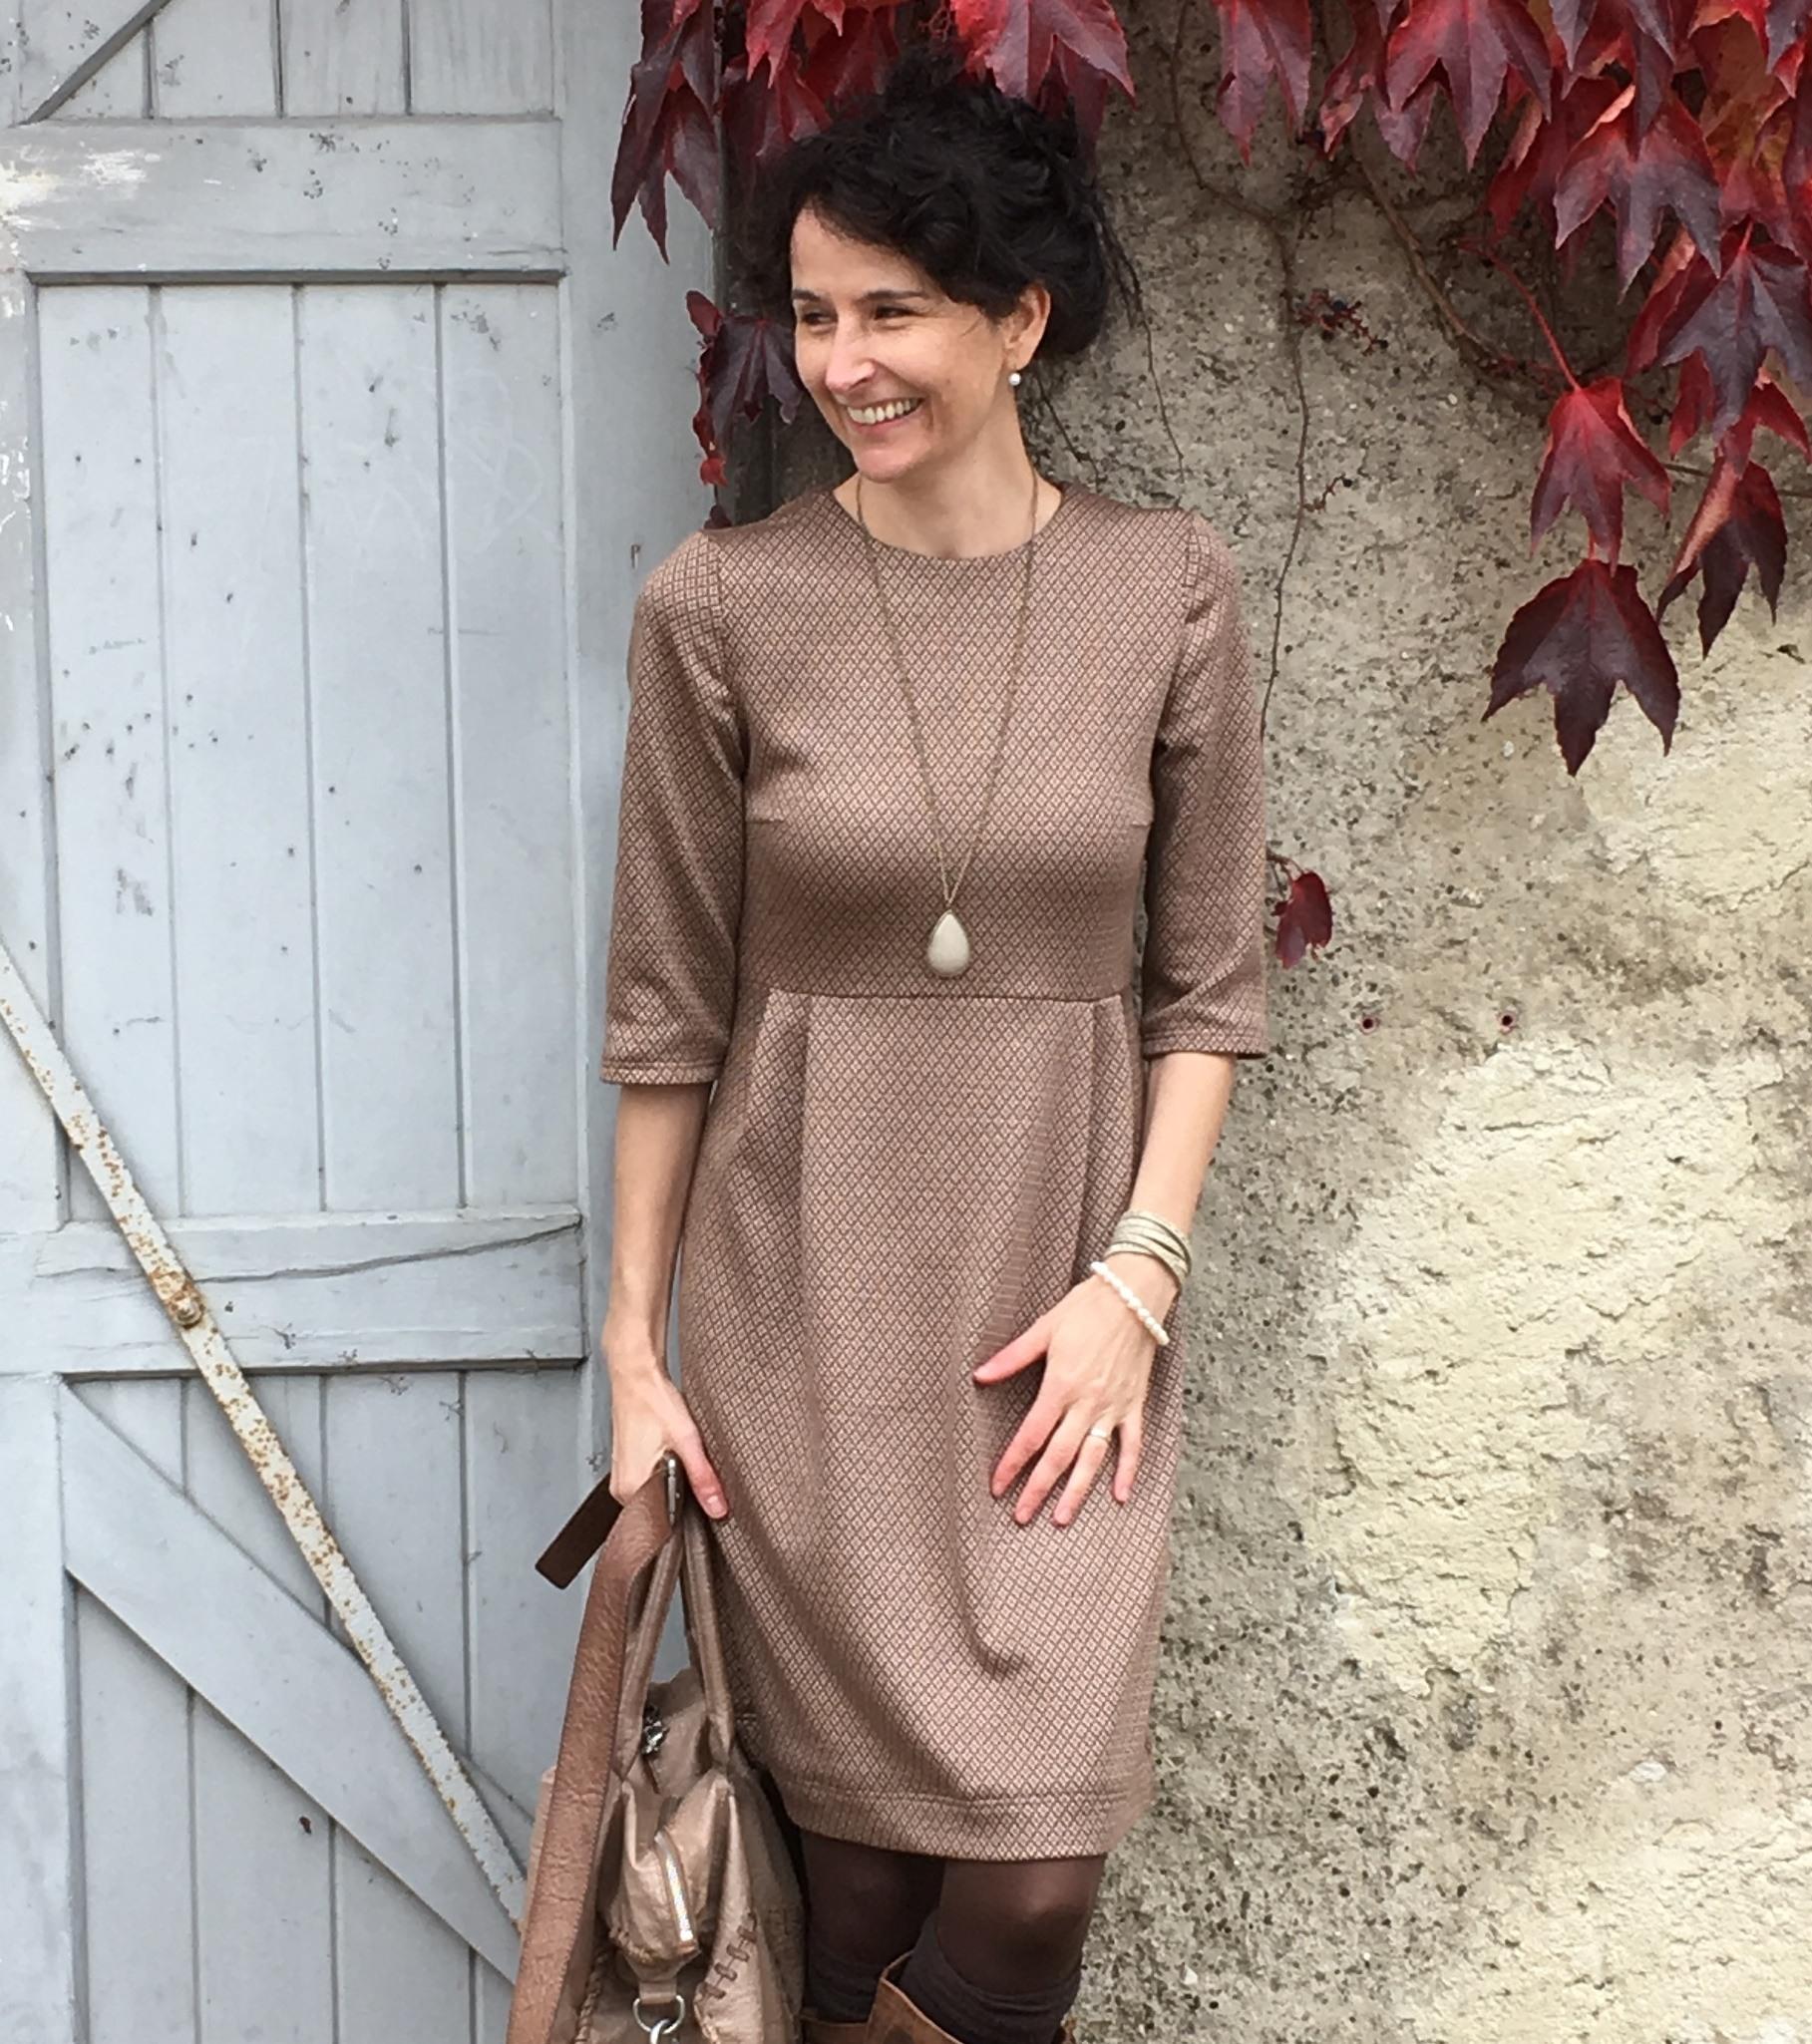 Abend Schön Schöne Herbst Kleider Ärmel15 Wunderbar Schöne Herbst Kleider Galerie